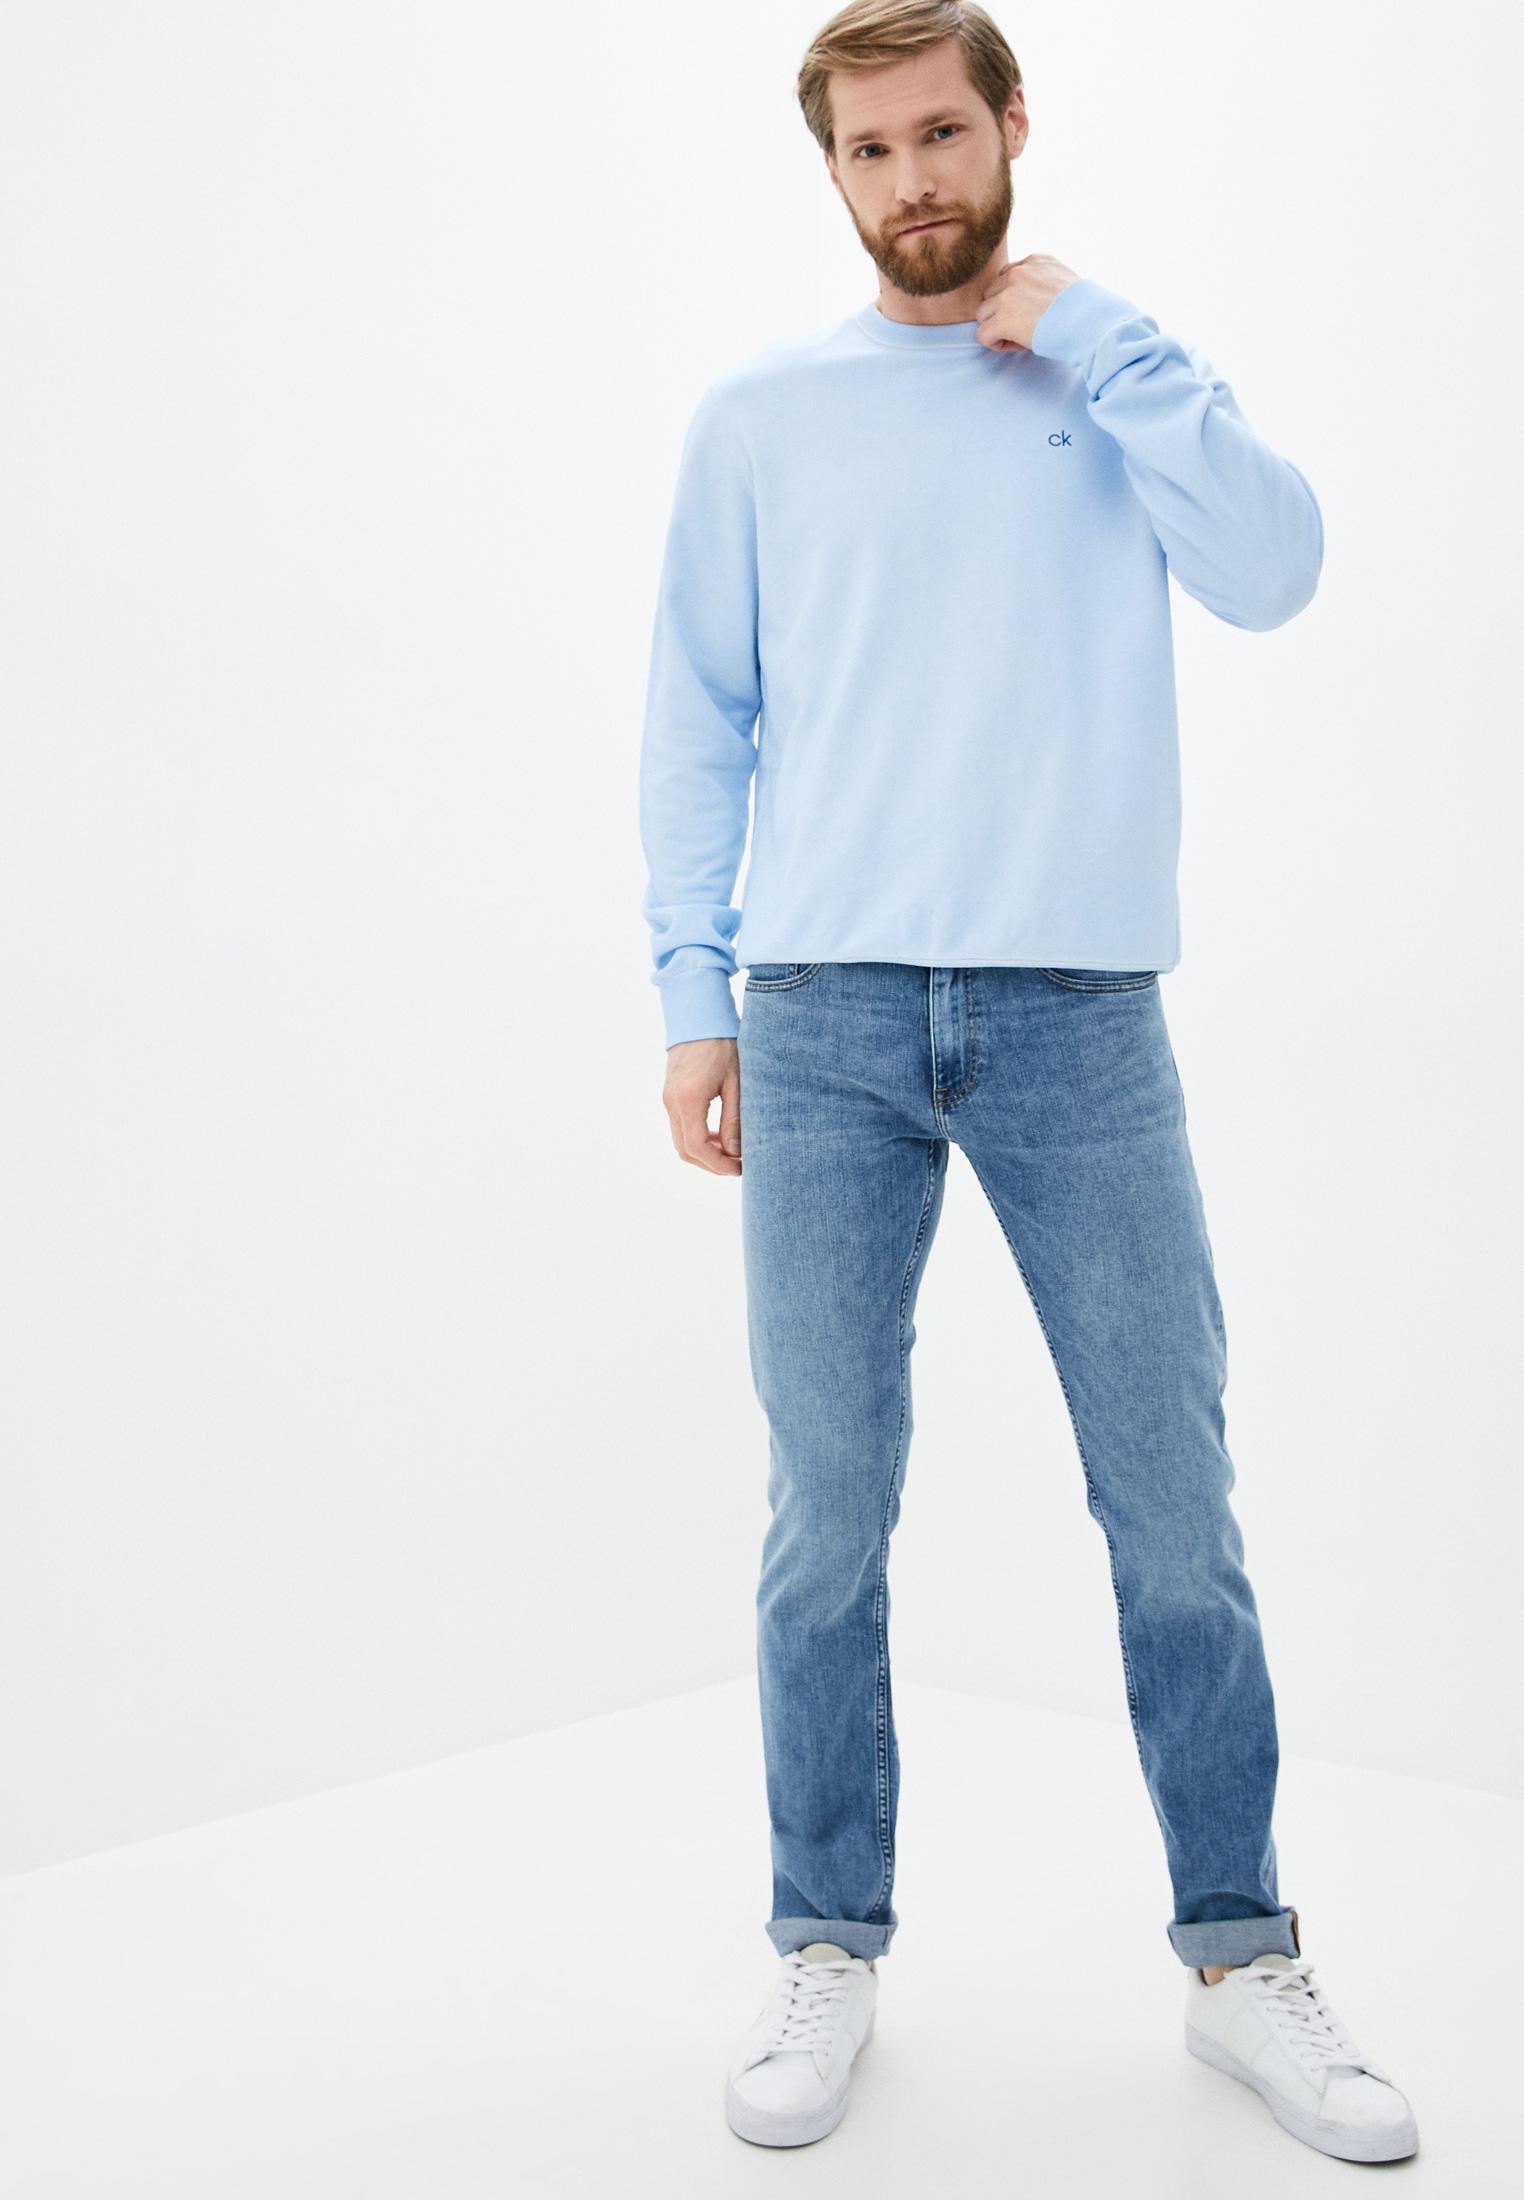 Зауженные джинсы Calvin Klein (Кельвин Кляйн) K10K106061: изображение 2